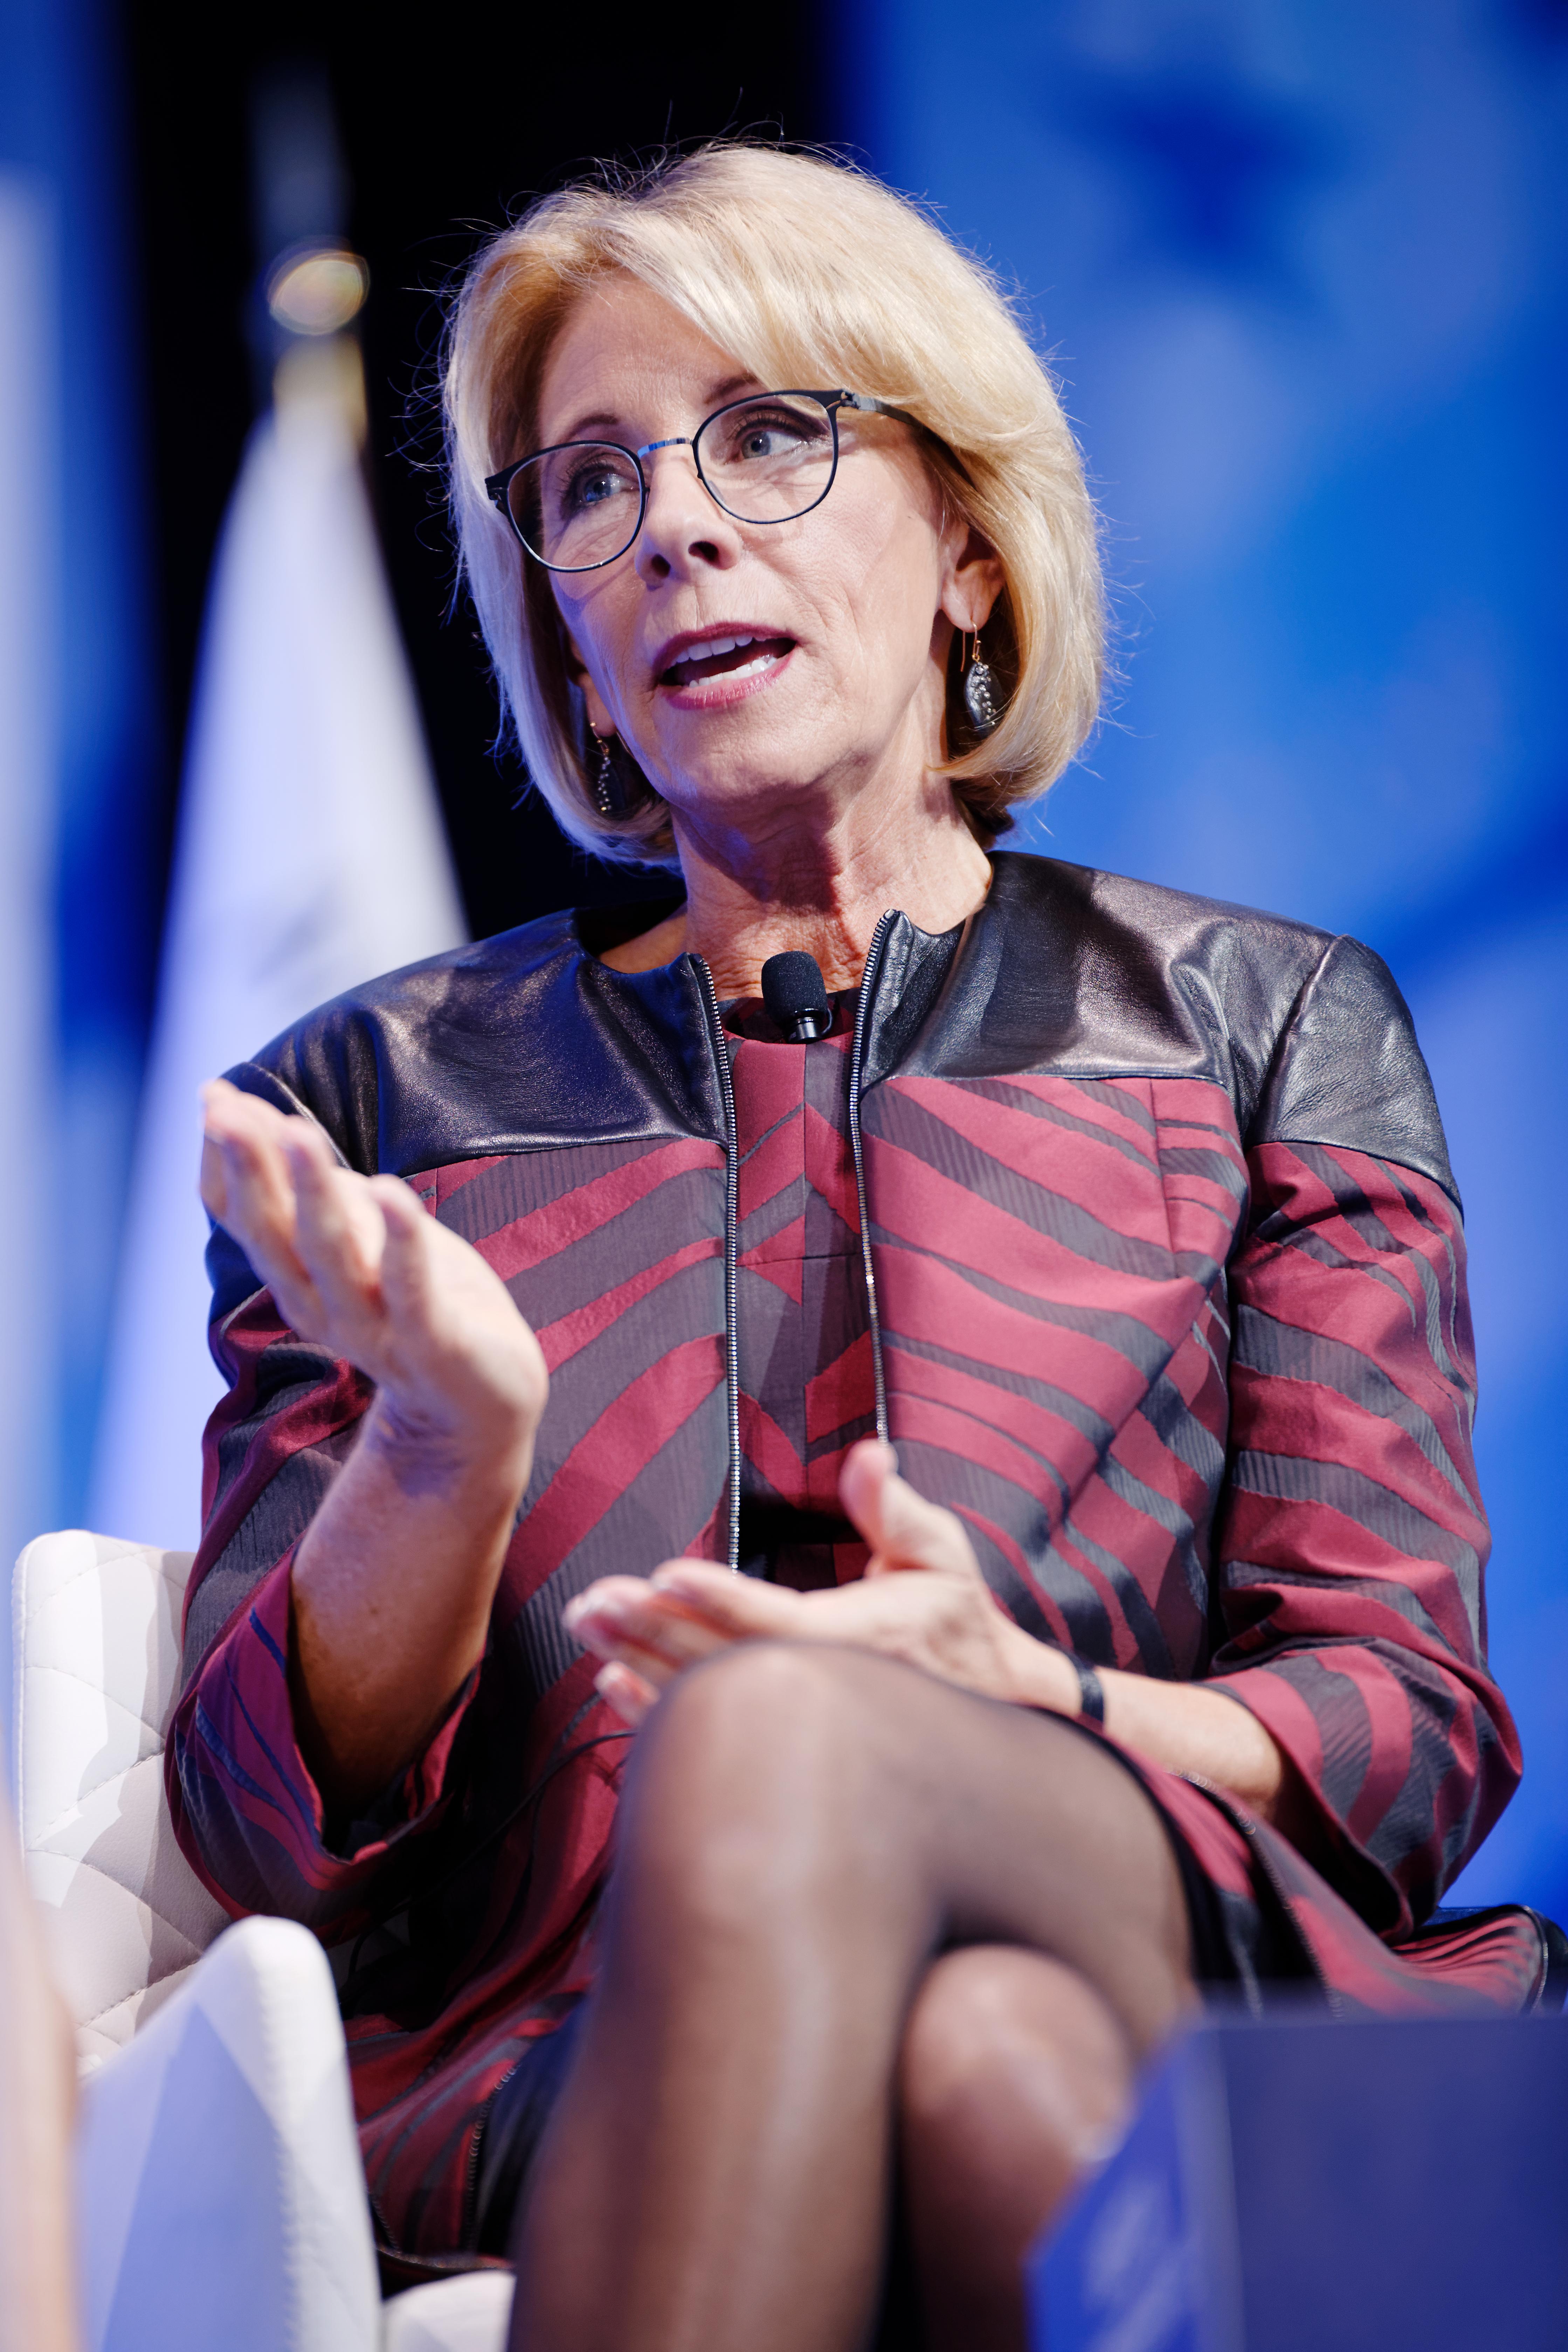 File Secretary of Education Betsy DeVos at CPAC 2017 Feb 23rd 2017 by  Michael Vadon 20.jpg 58425a267c8b